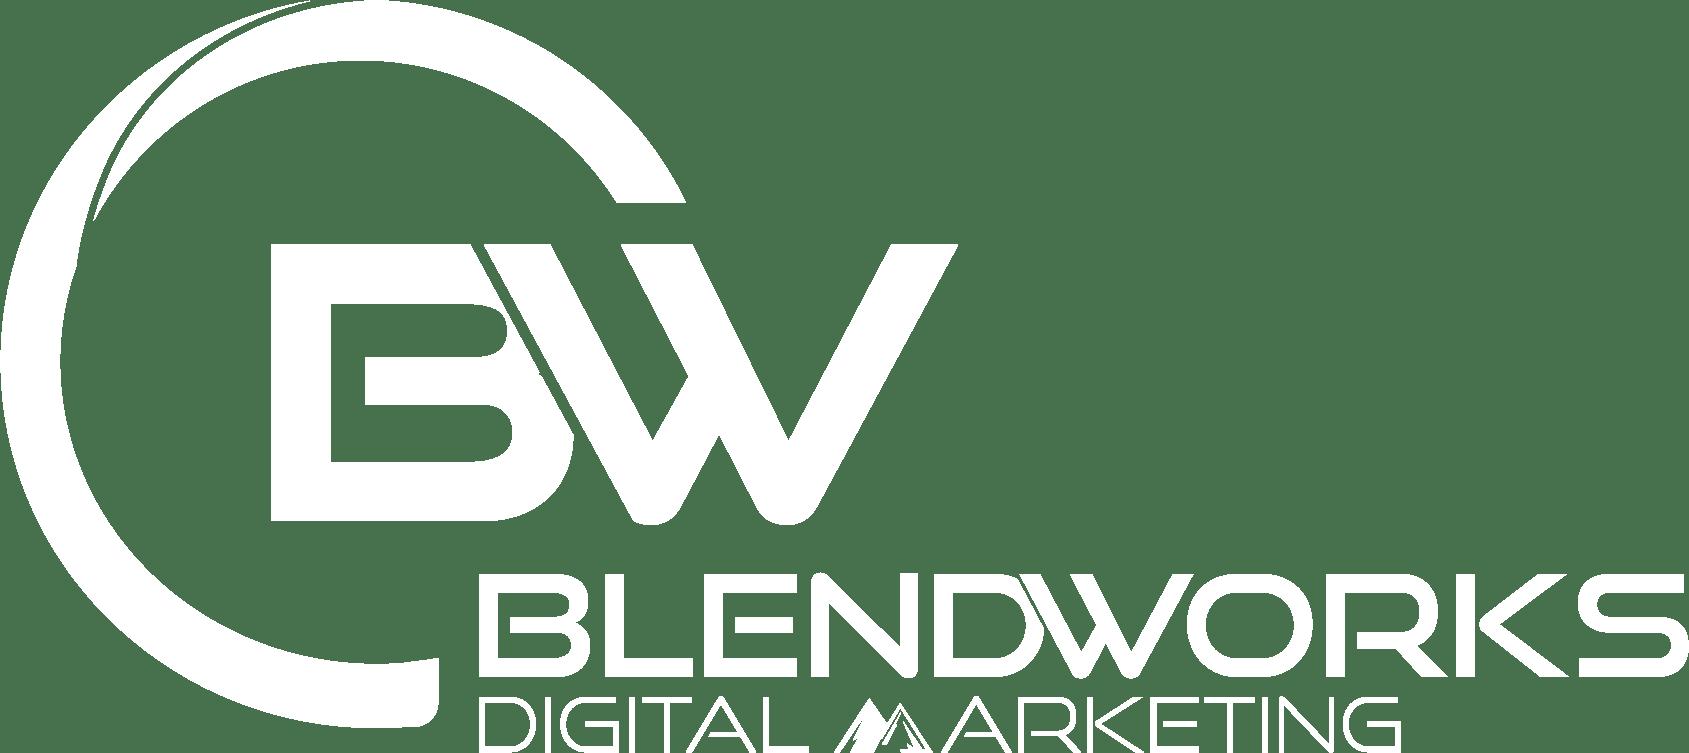 Marketing in Arvada, Colorado